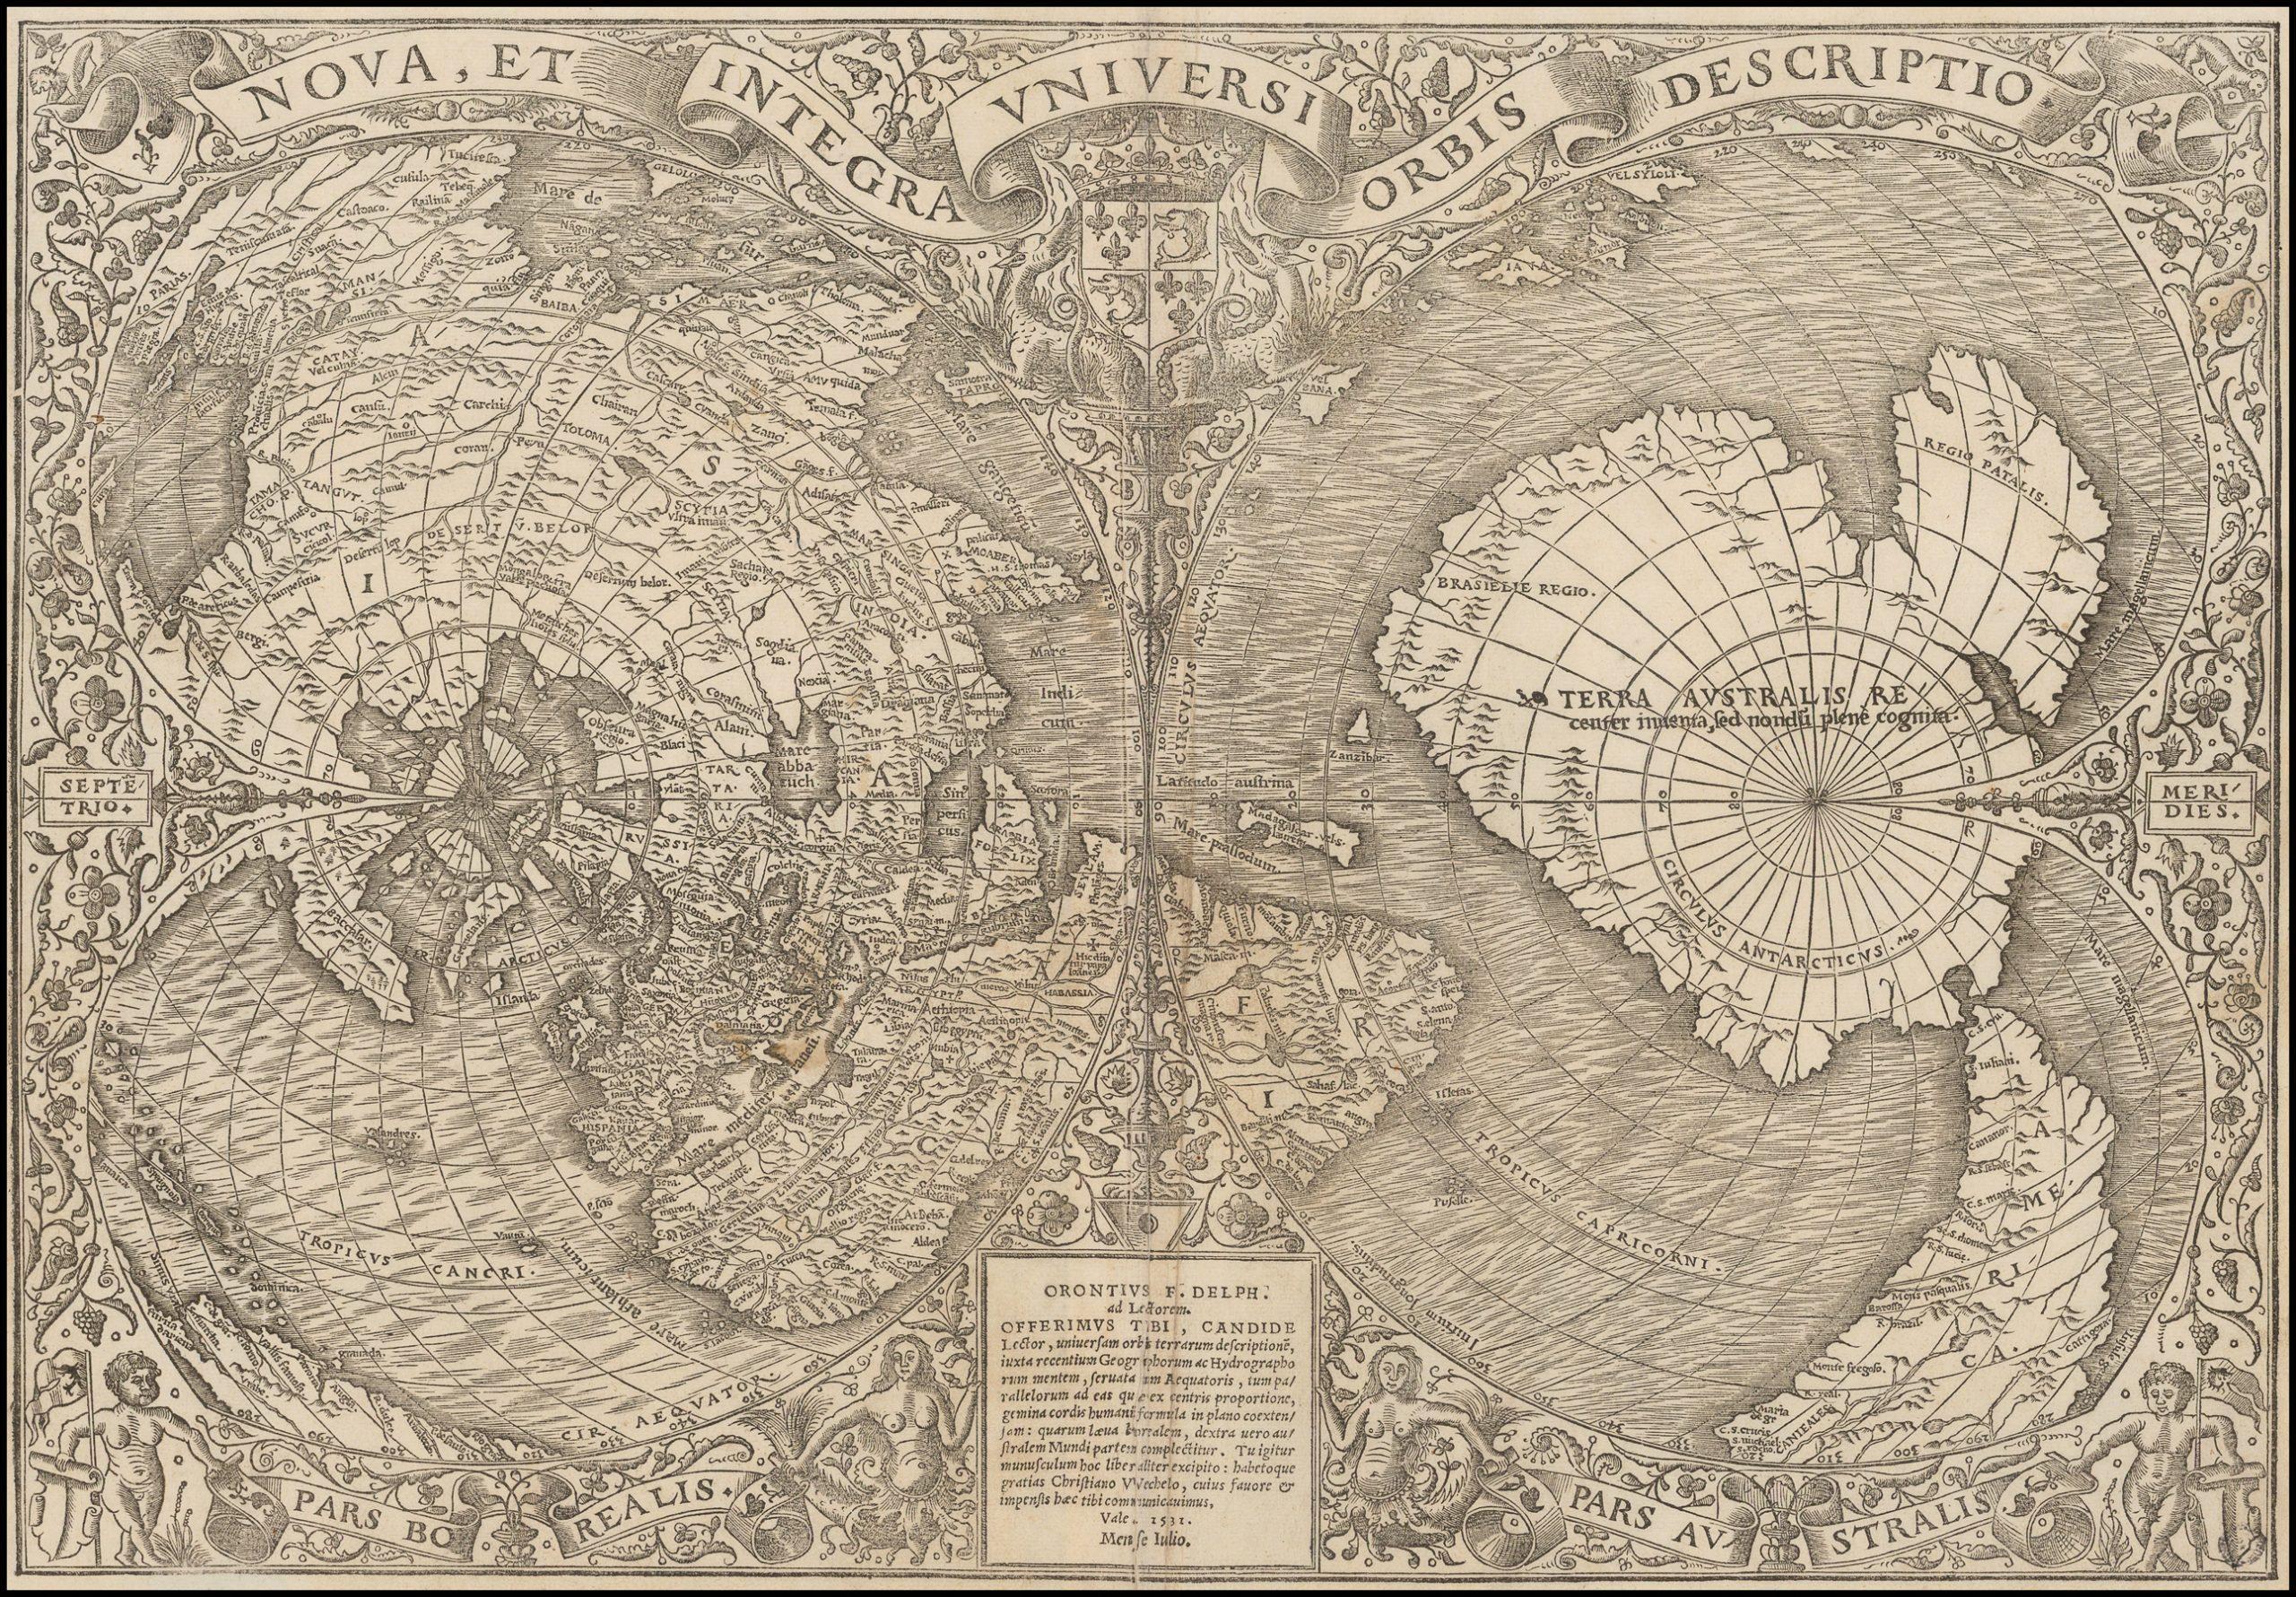 Первое издание двойной сердцевидной карты мира и одной из самых ранних с упоминанием Магеллана